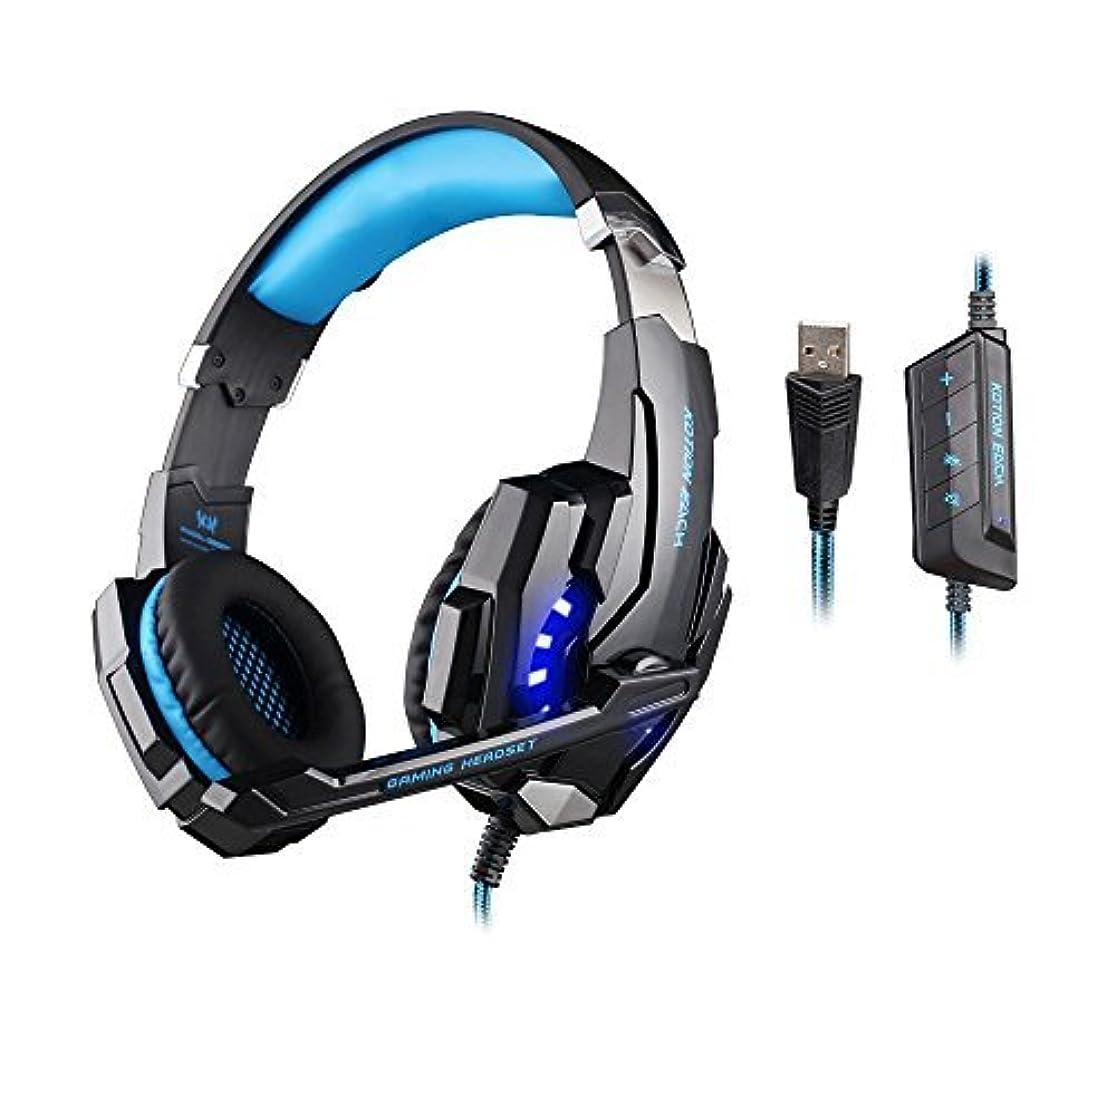 裁判所アピール草KOTION EACH G9000 USB 7.1 Surround Sound Version Game Gaming Headphone Computer Headset Earphone Headband with Microphone LED Light -blue [並行輸入品]